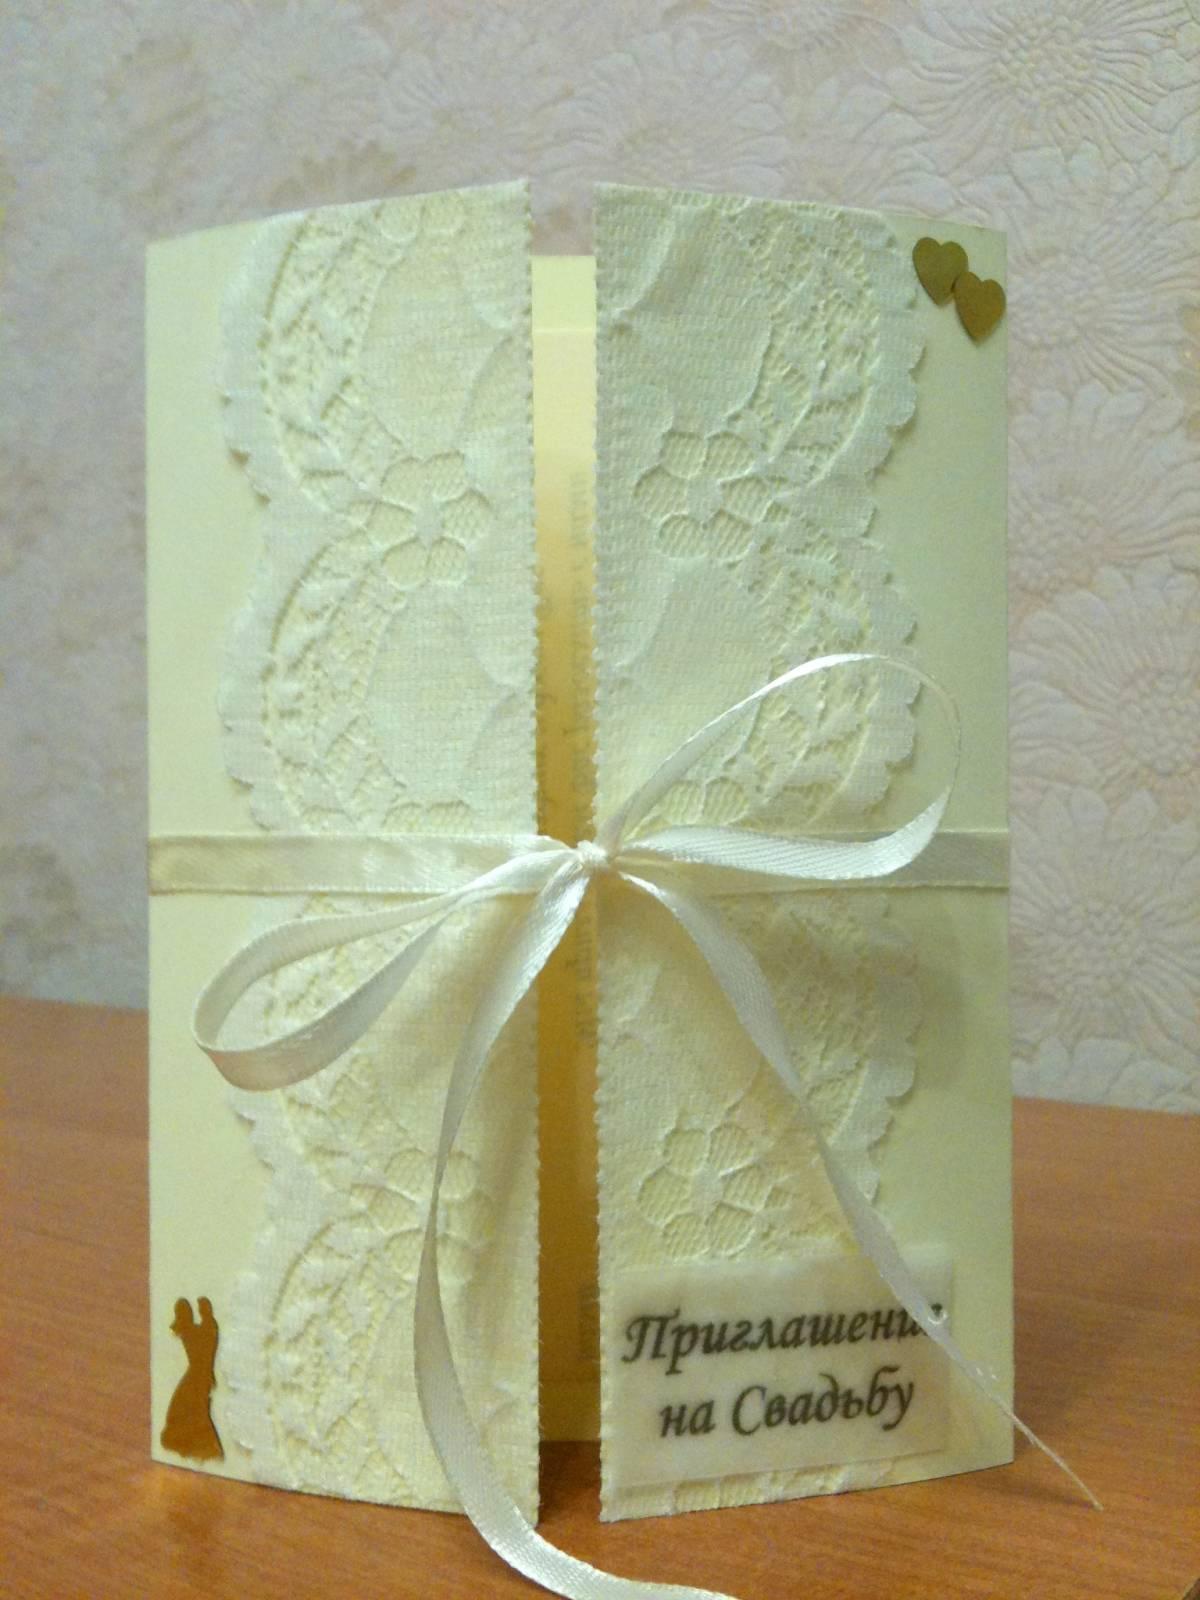 Приглашения на свадьбу своими руками материал 60